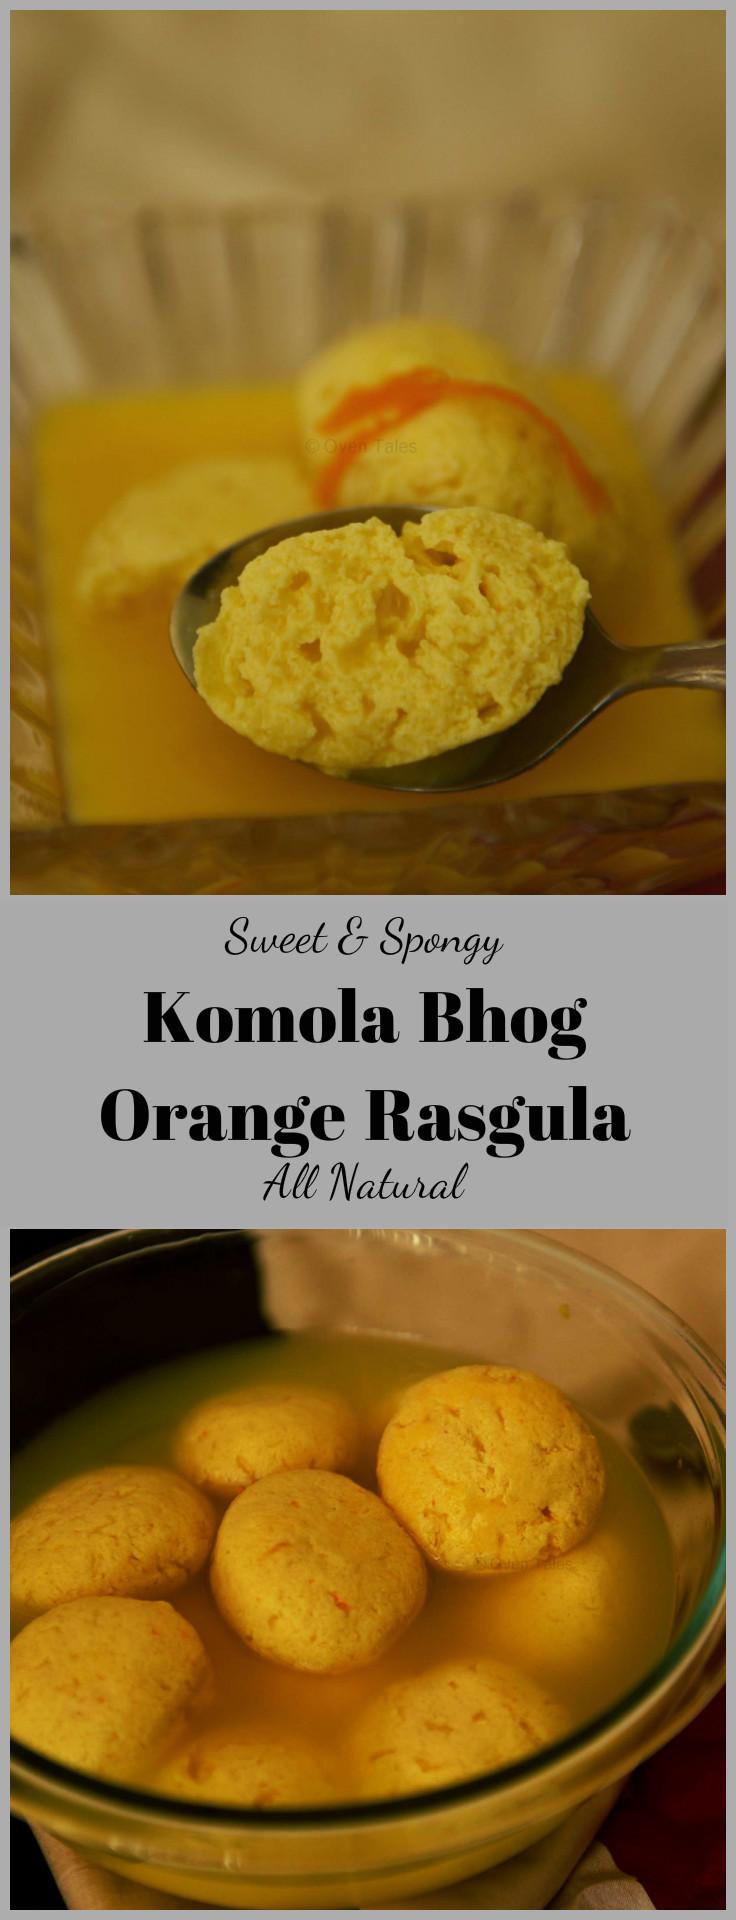 Komola Bhog - Orange Rasgulla